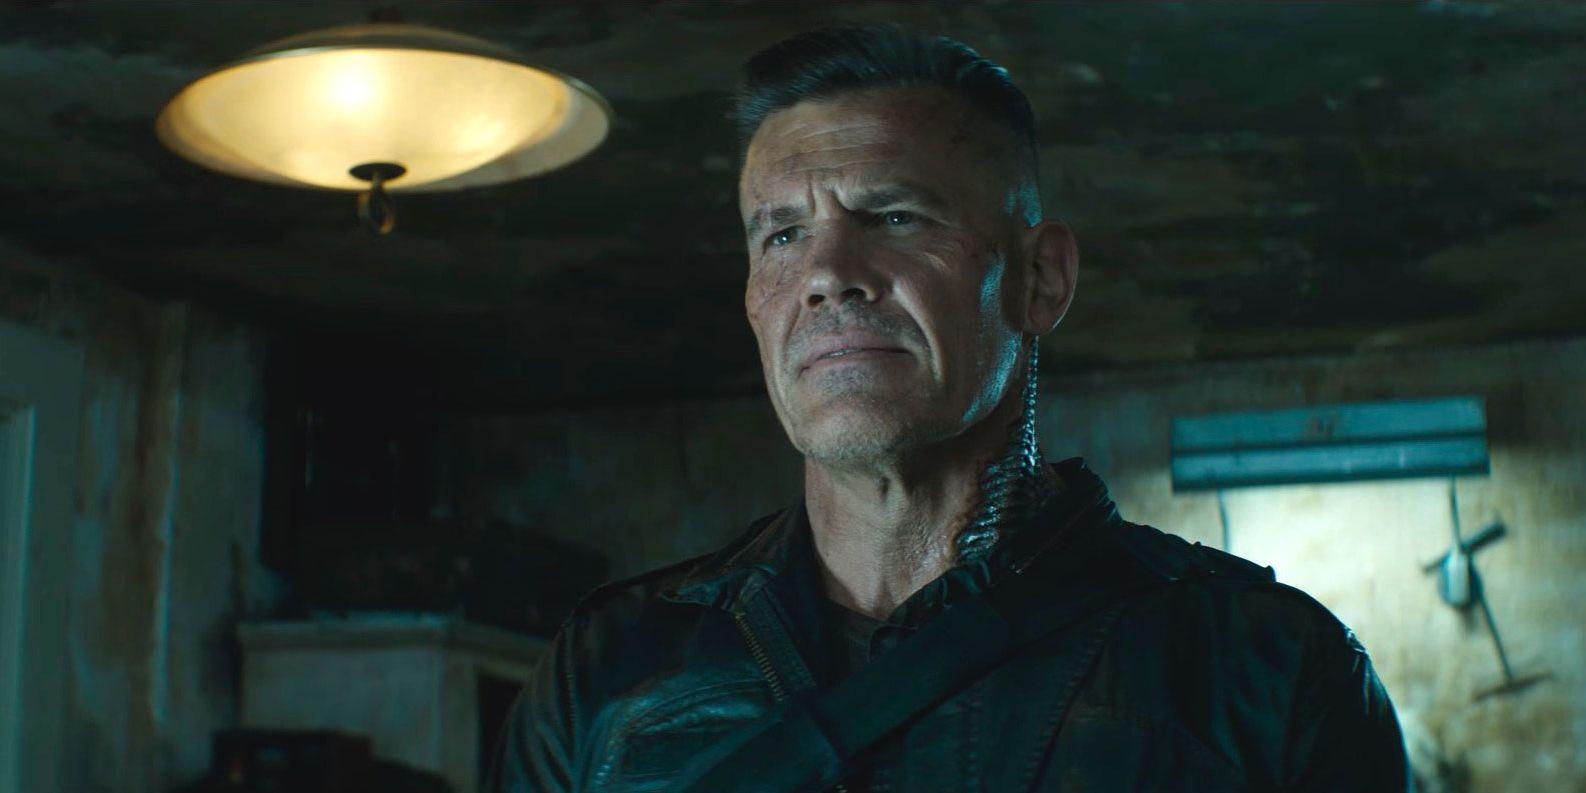 Deadpool 2, movie trailer, Josh Brolin as Cable